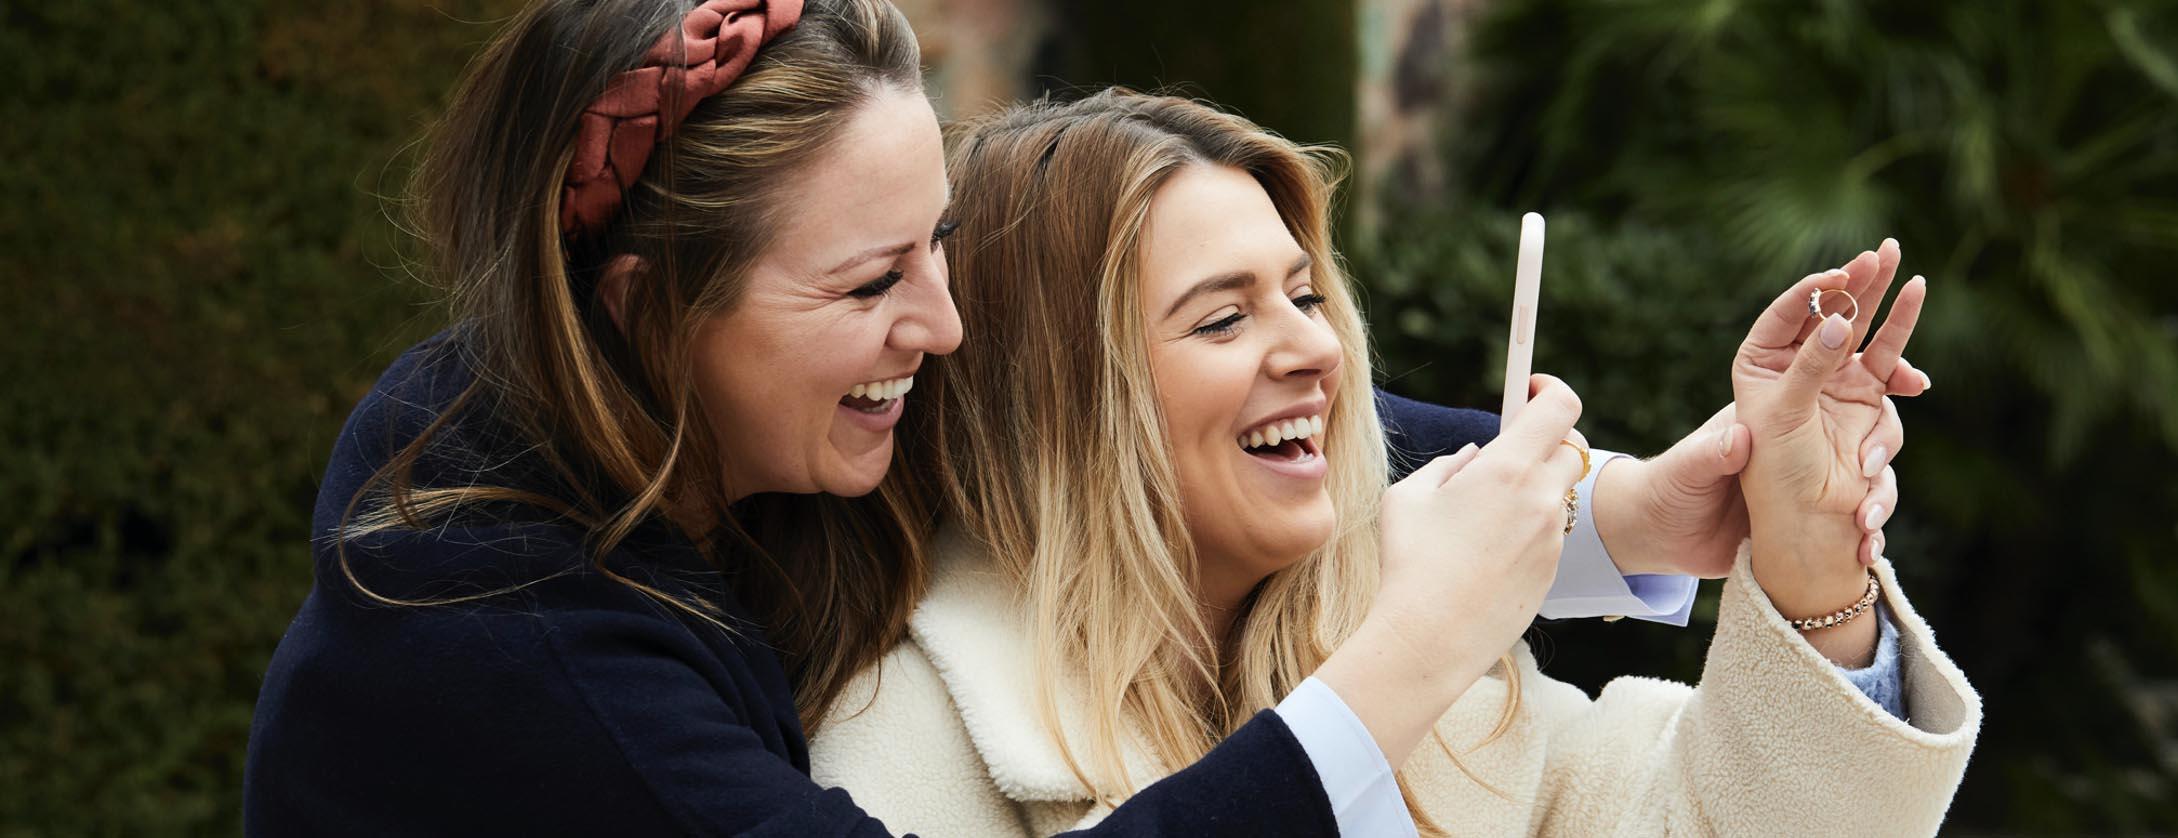 Carrie Elizabeth Jewellery friends take selfie